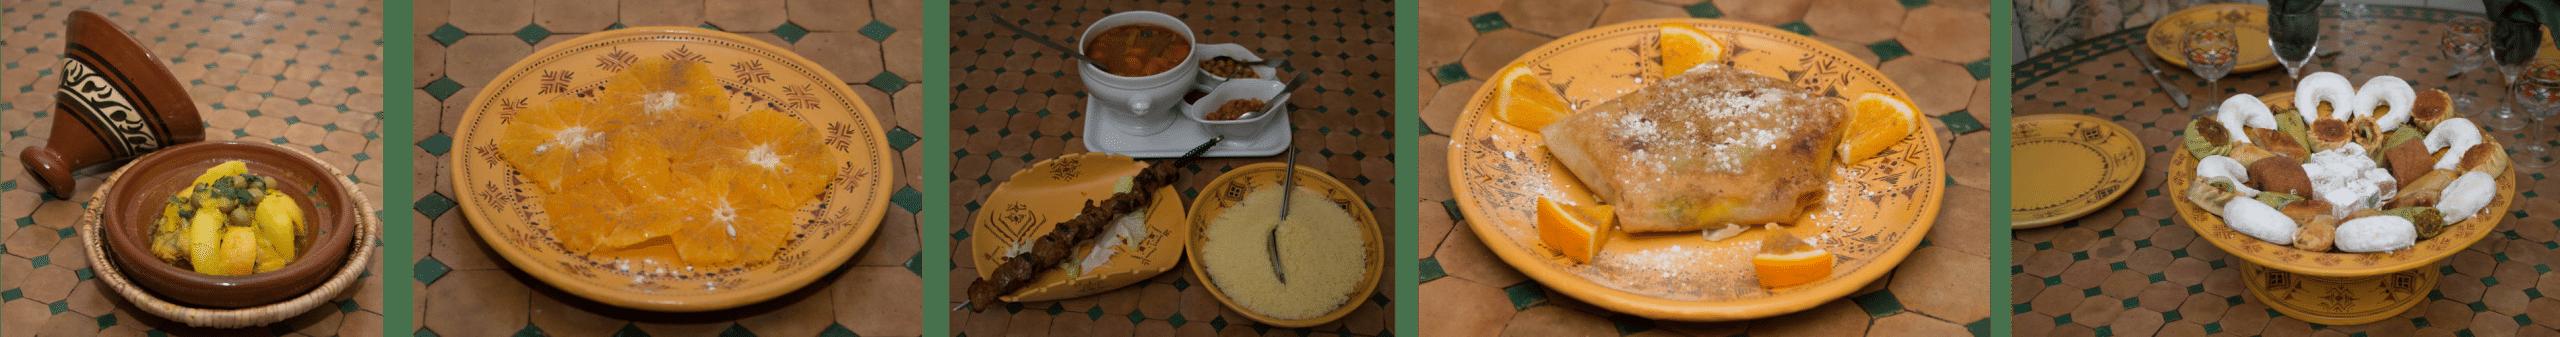 Restaurant Gastronomique Seine Et Marne